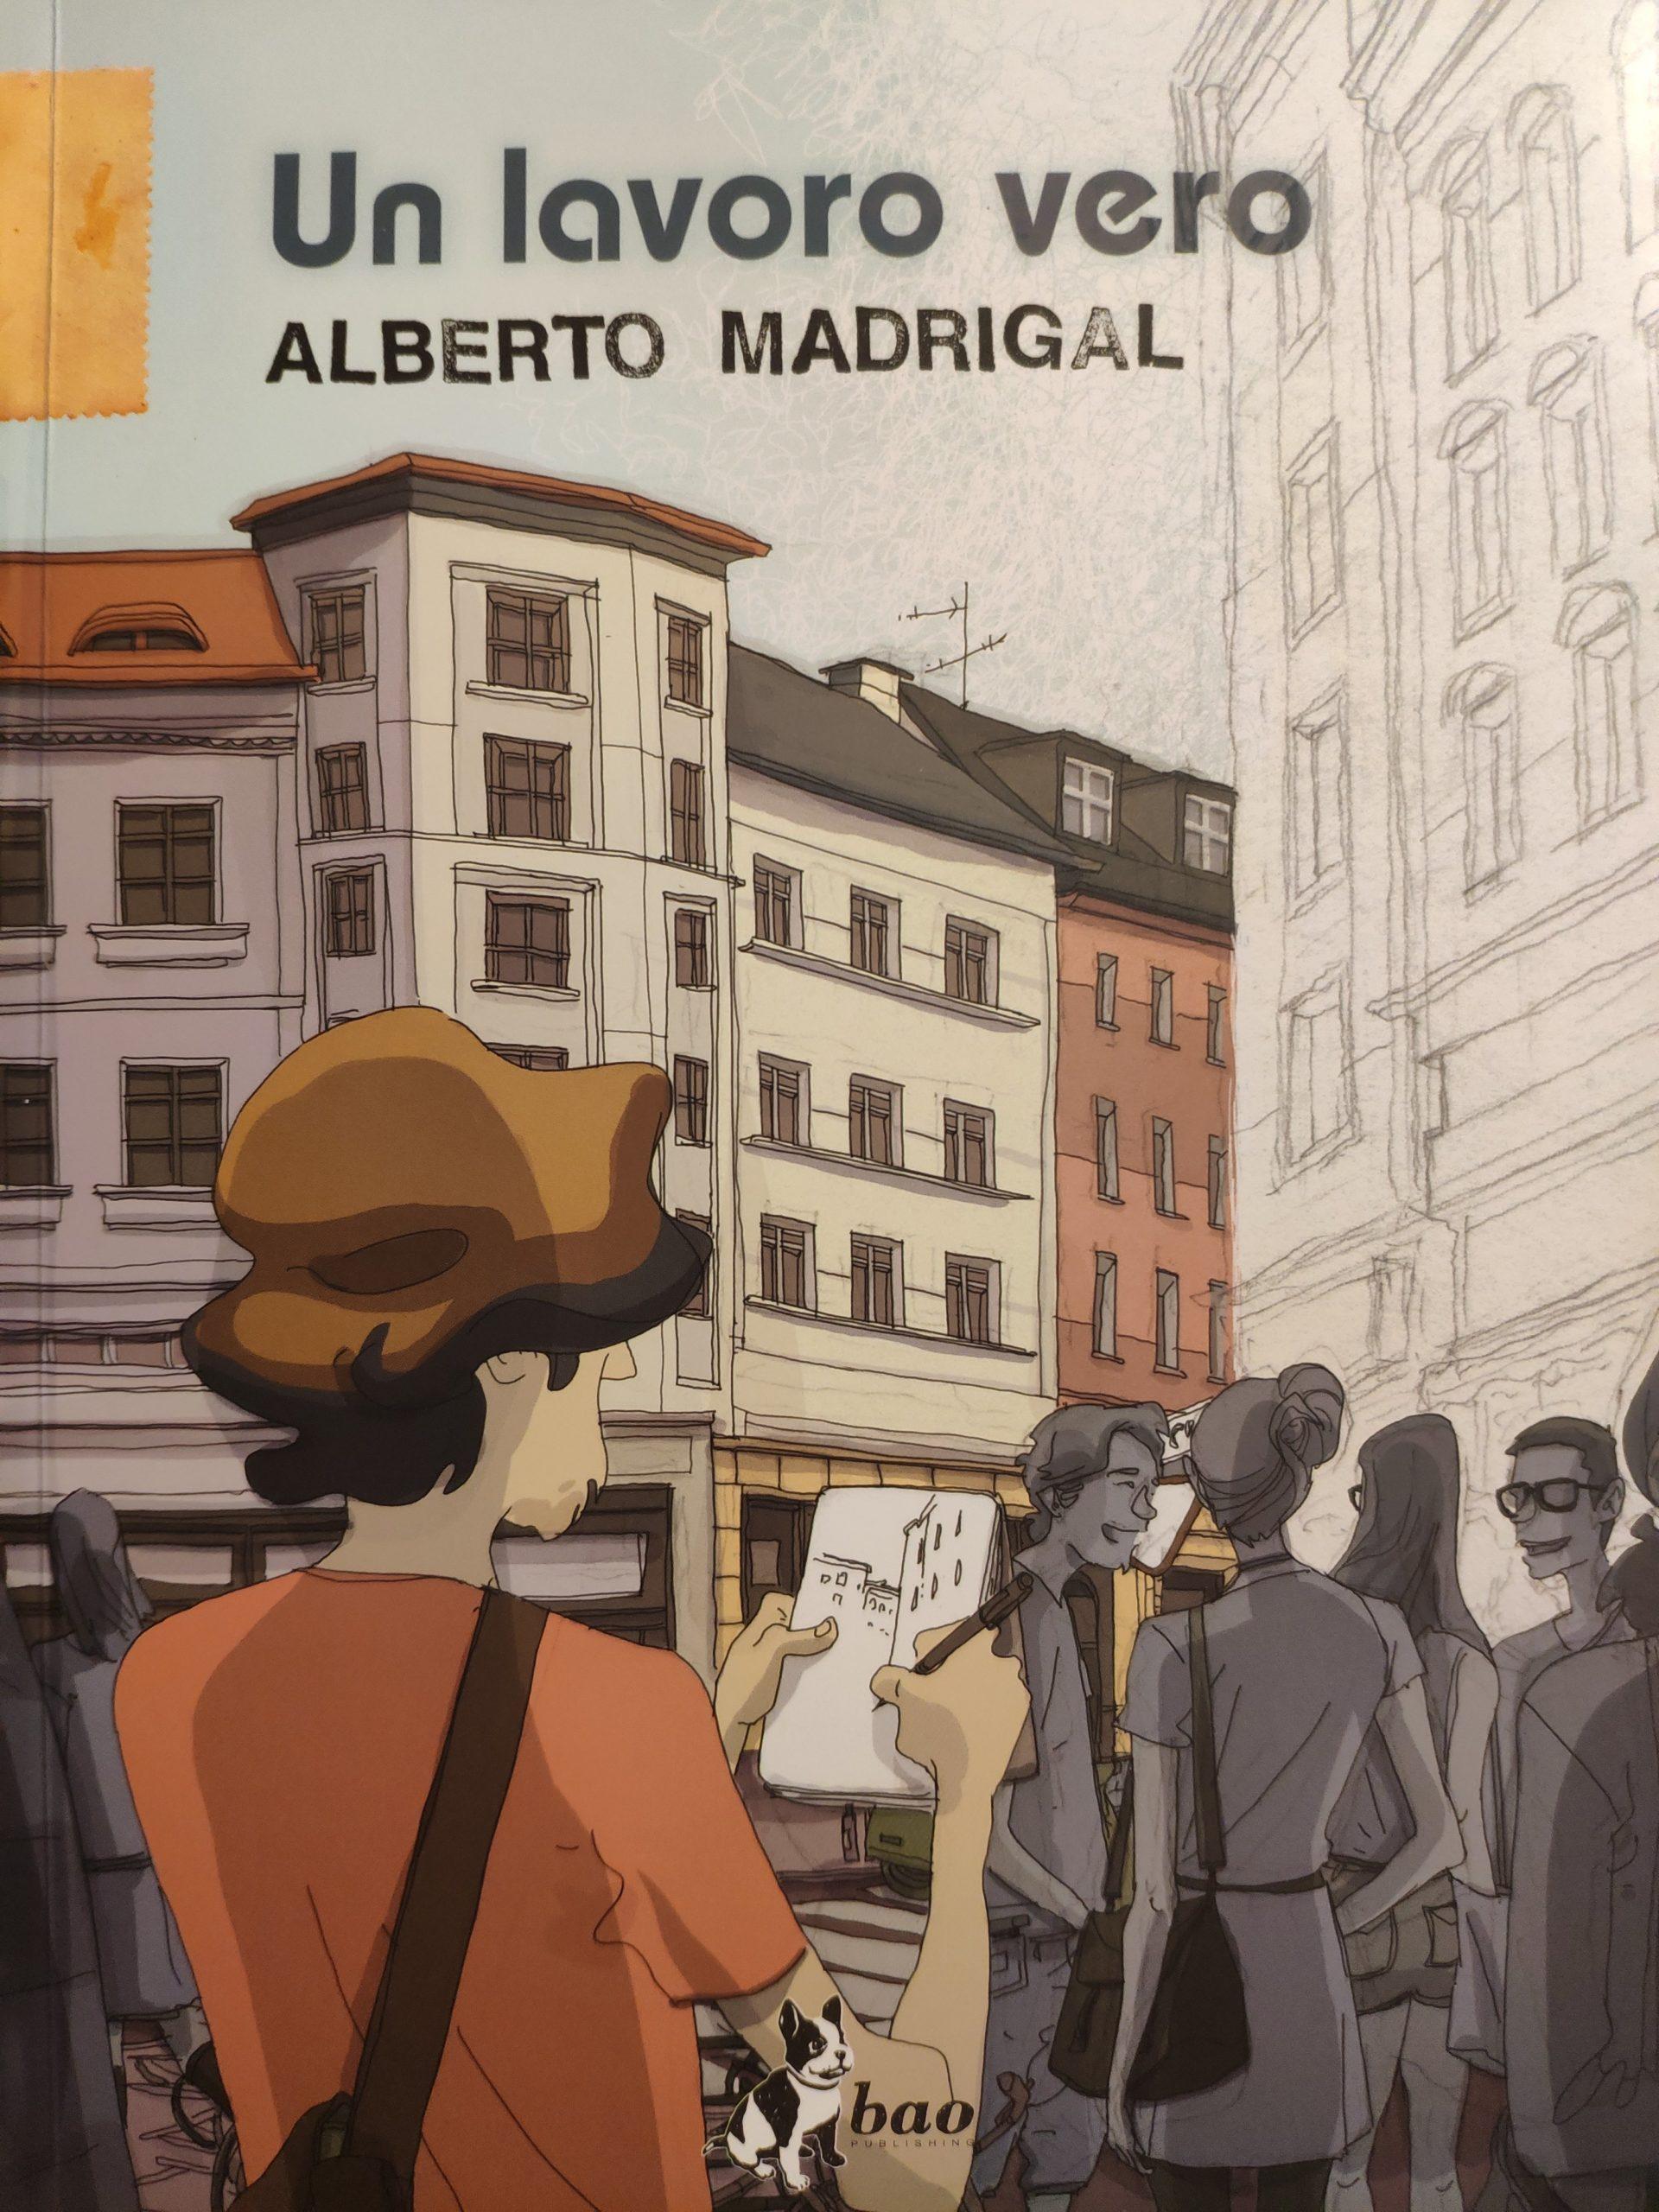 Mio caro fumetto… – Copertina di un lavoro vero